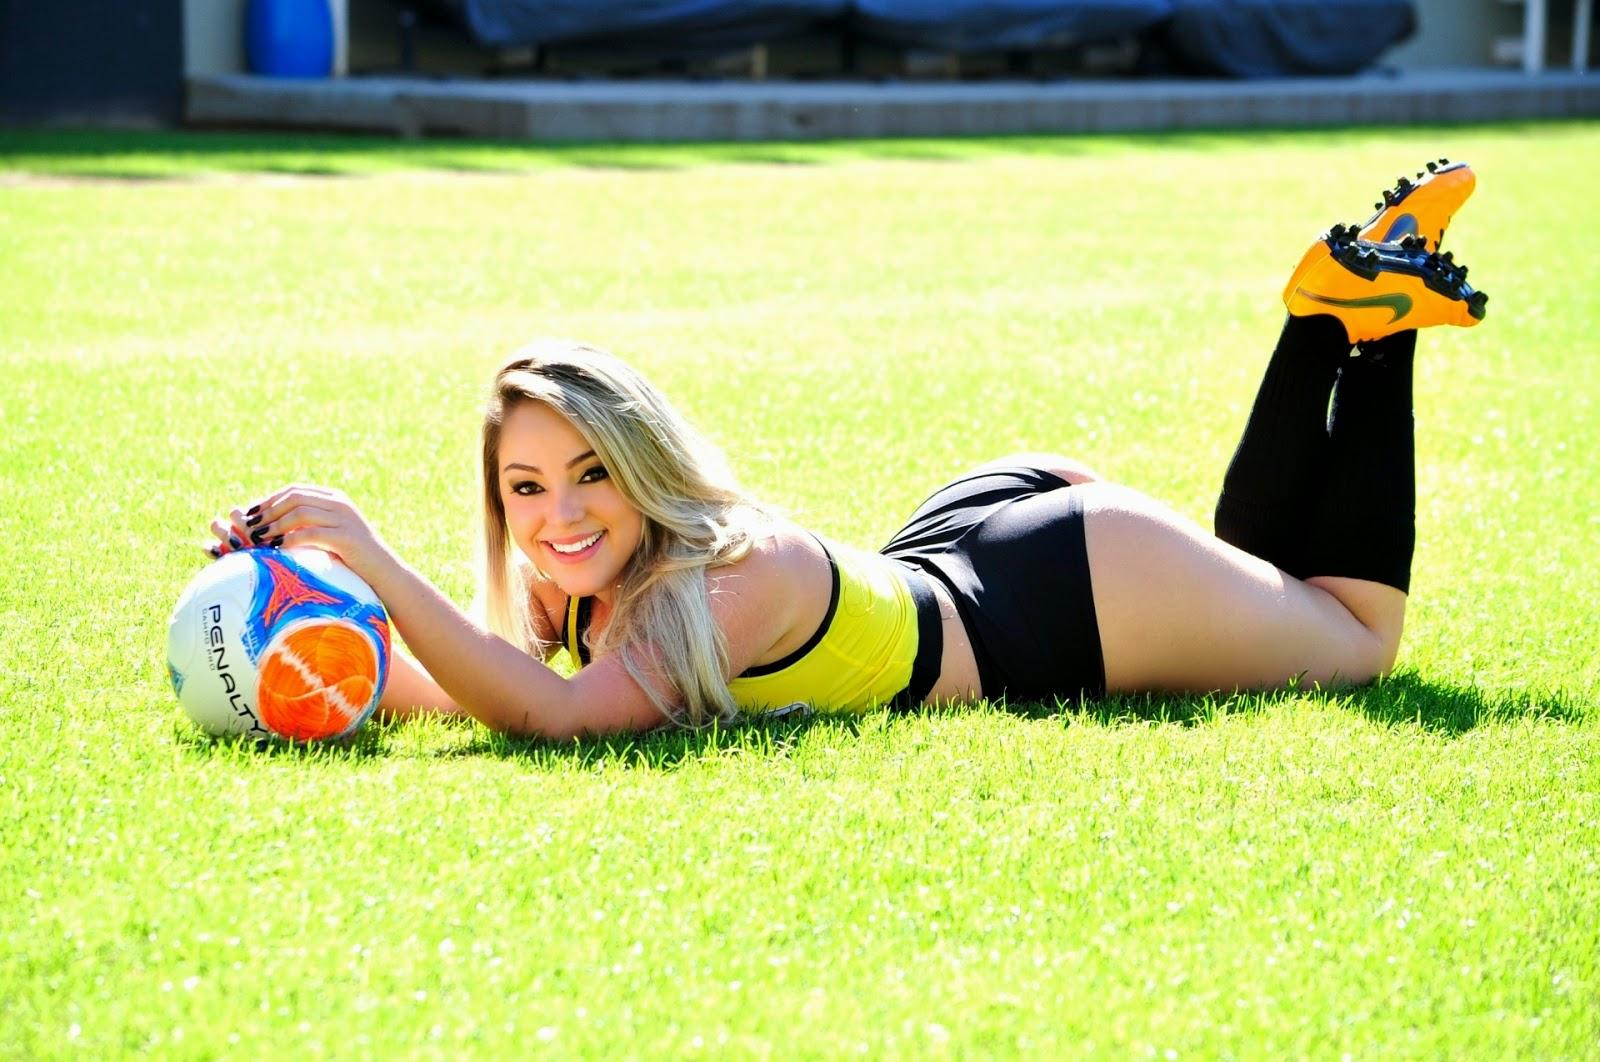 Tassia a Bela do Criciúma Esporte Clube (2014)